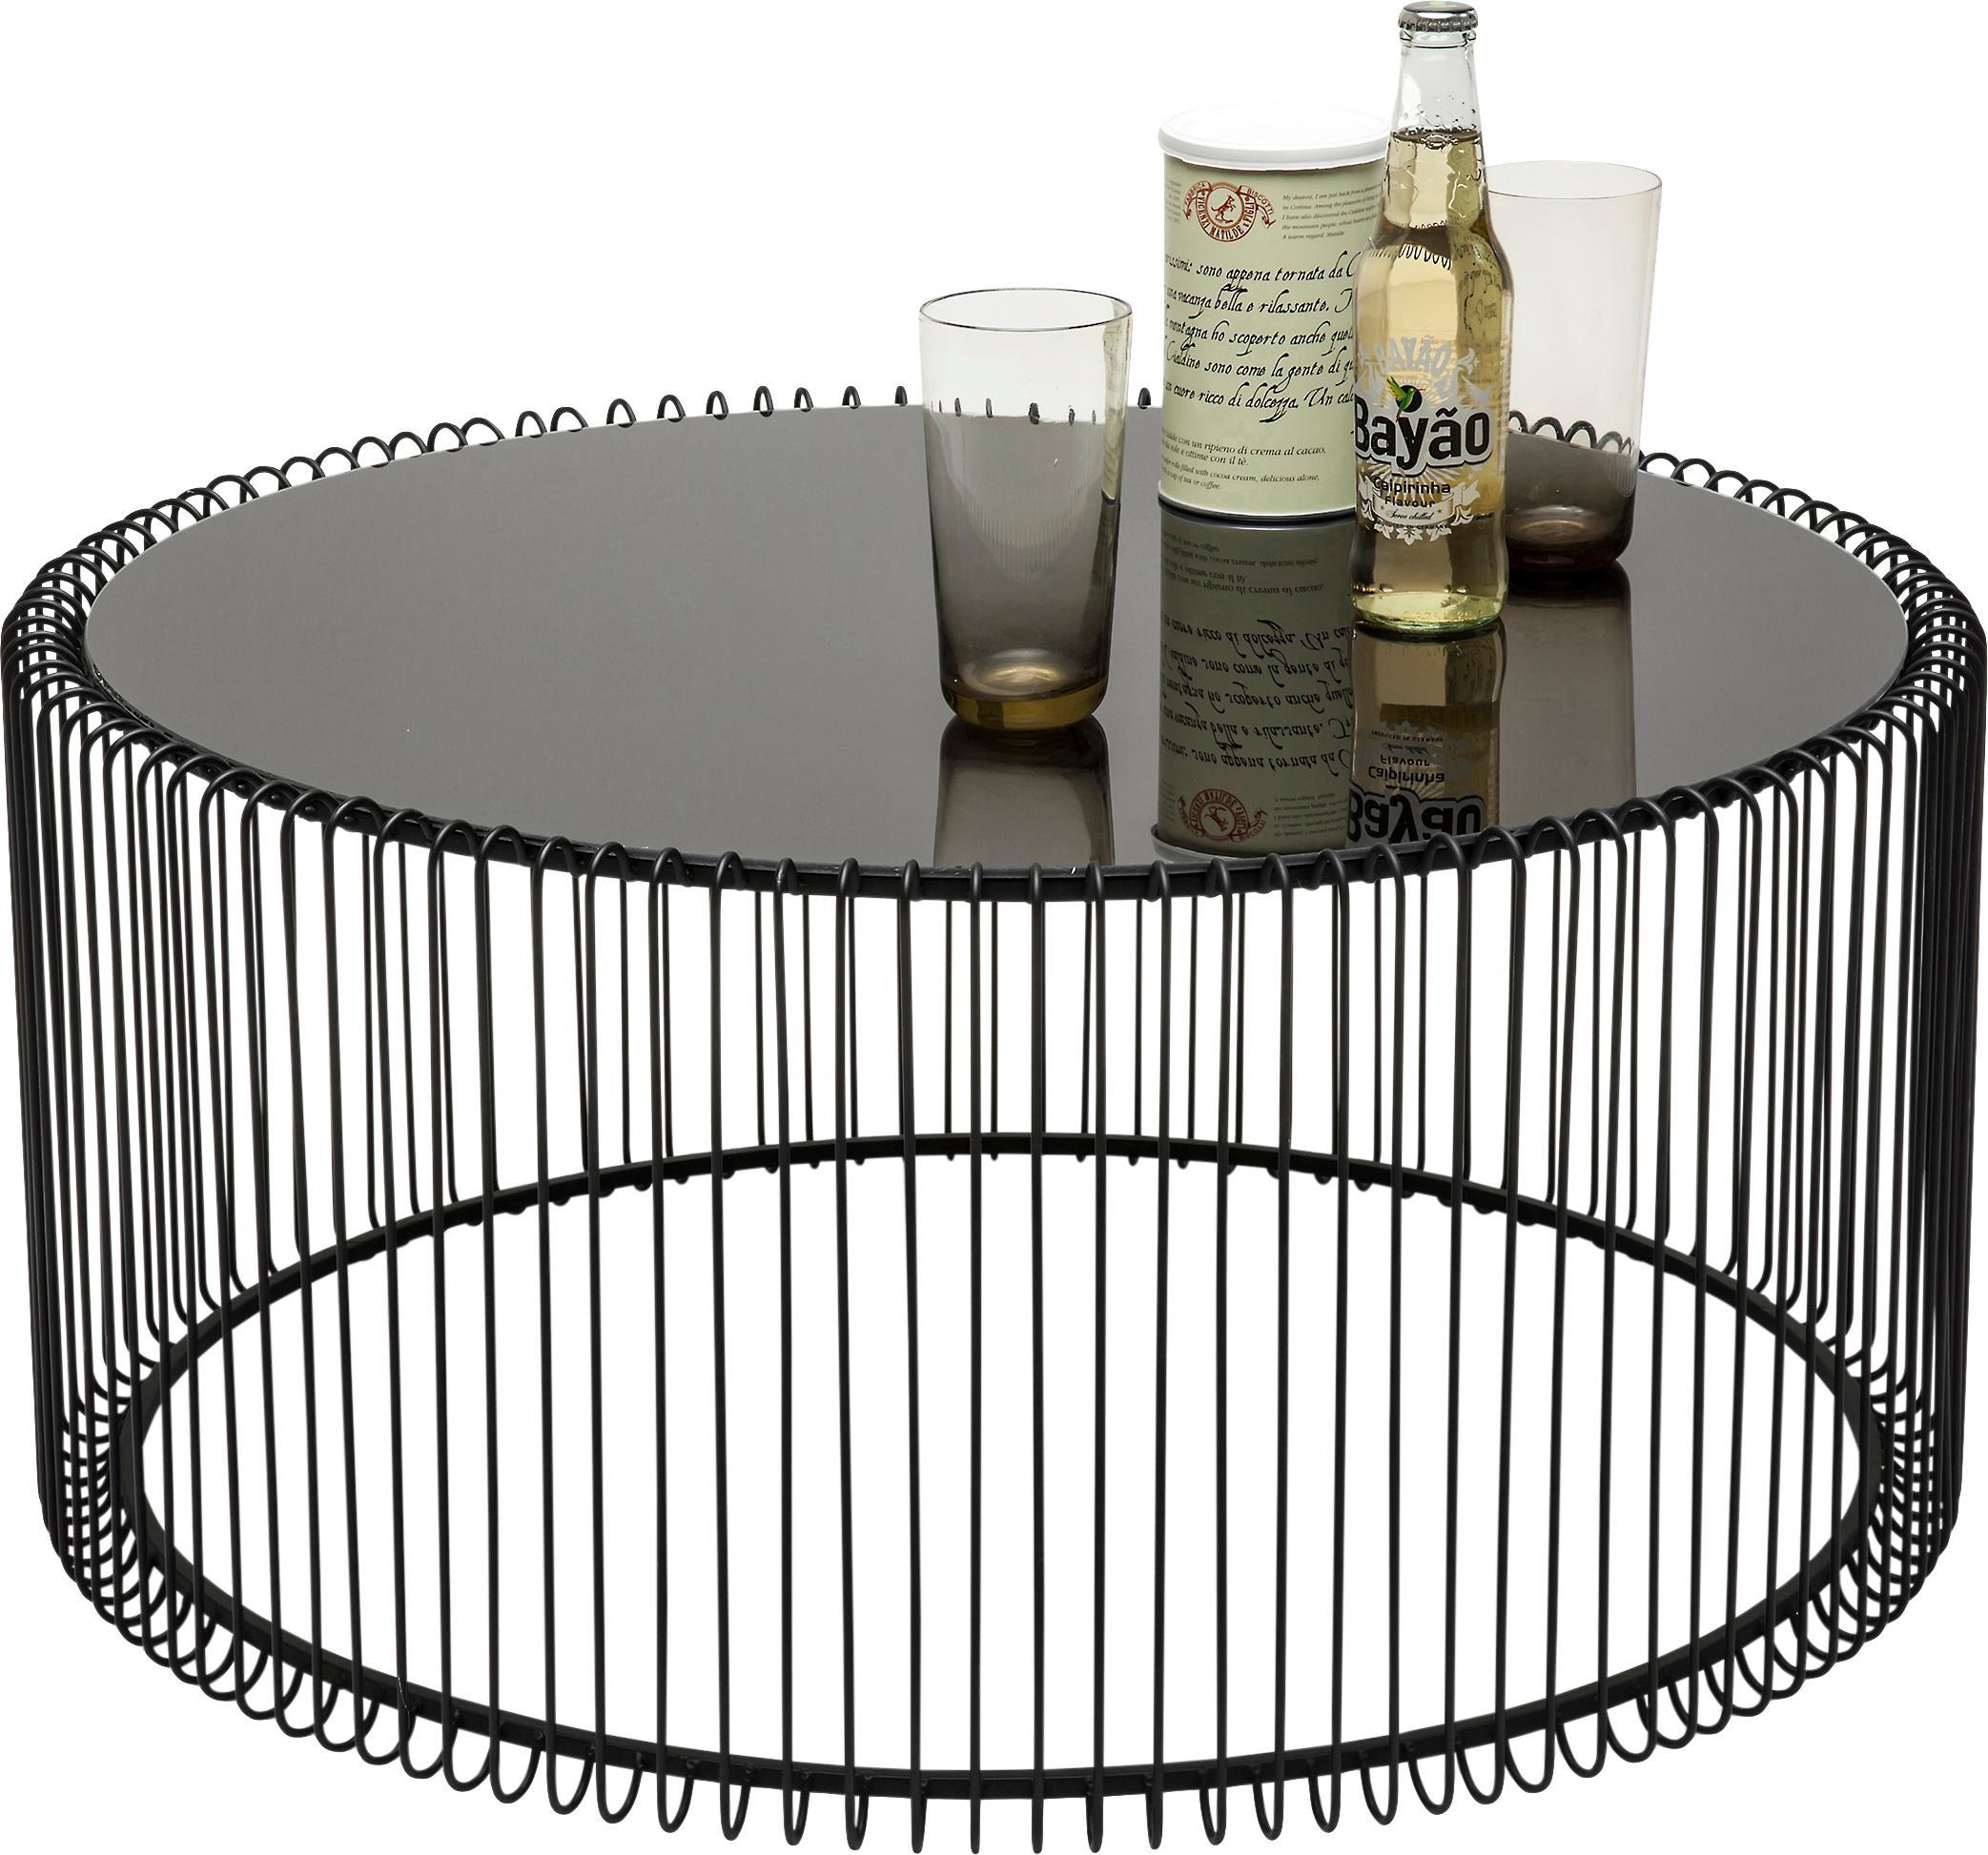 Metall-Couchtisch 2er-Set Wire mit Glasplatte, Gestell: Metall, pulverbeschichtet, Tischplatte: Sicherheitsglas, foliert, Schwarz, Set mit verschiedenen Grössen